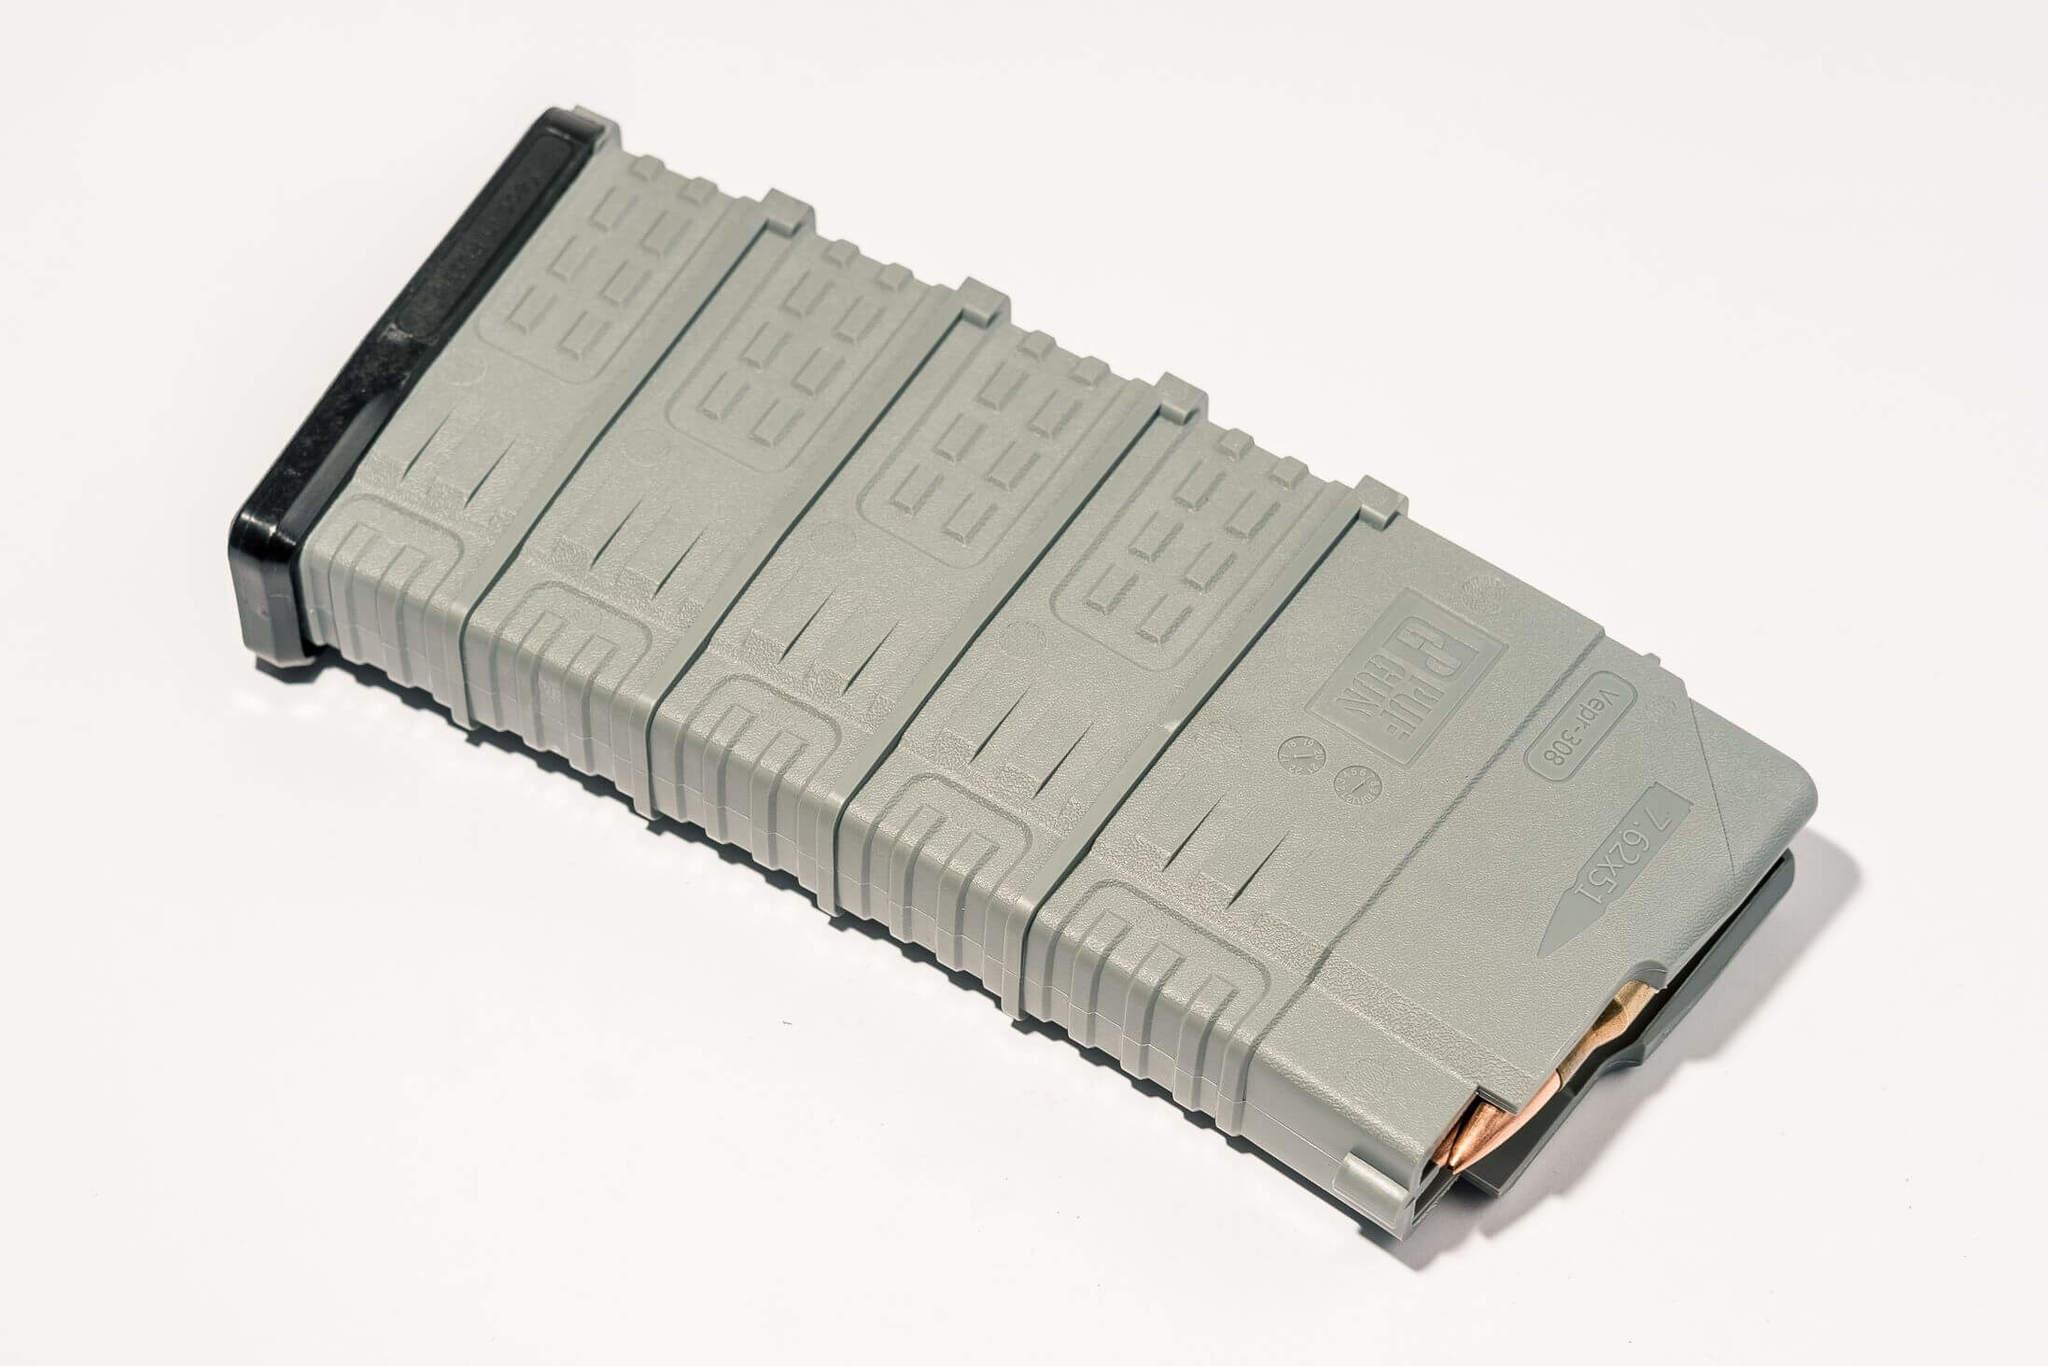 Магазин Pufgun Вепрь-308 на 25 патронов, серый